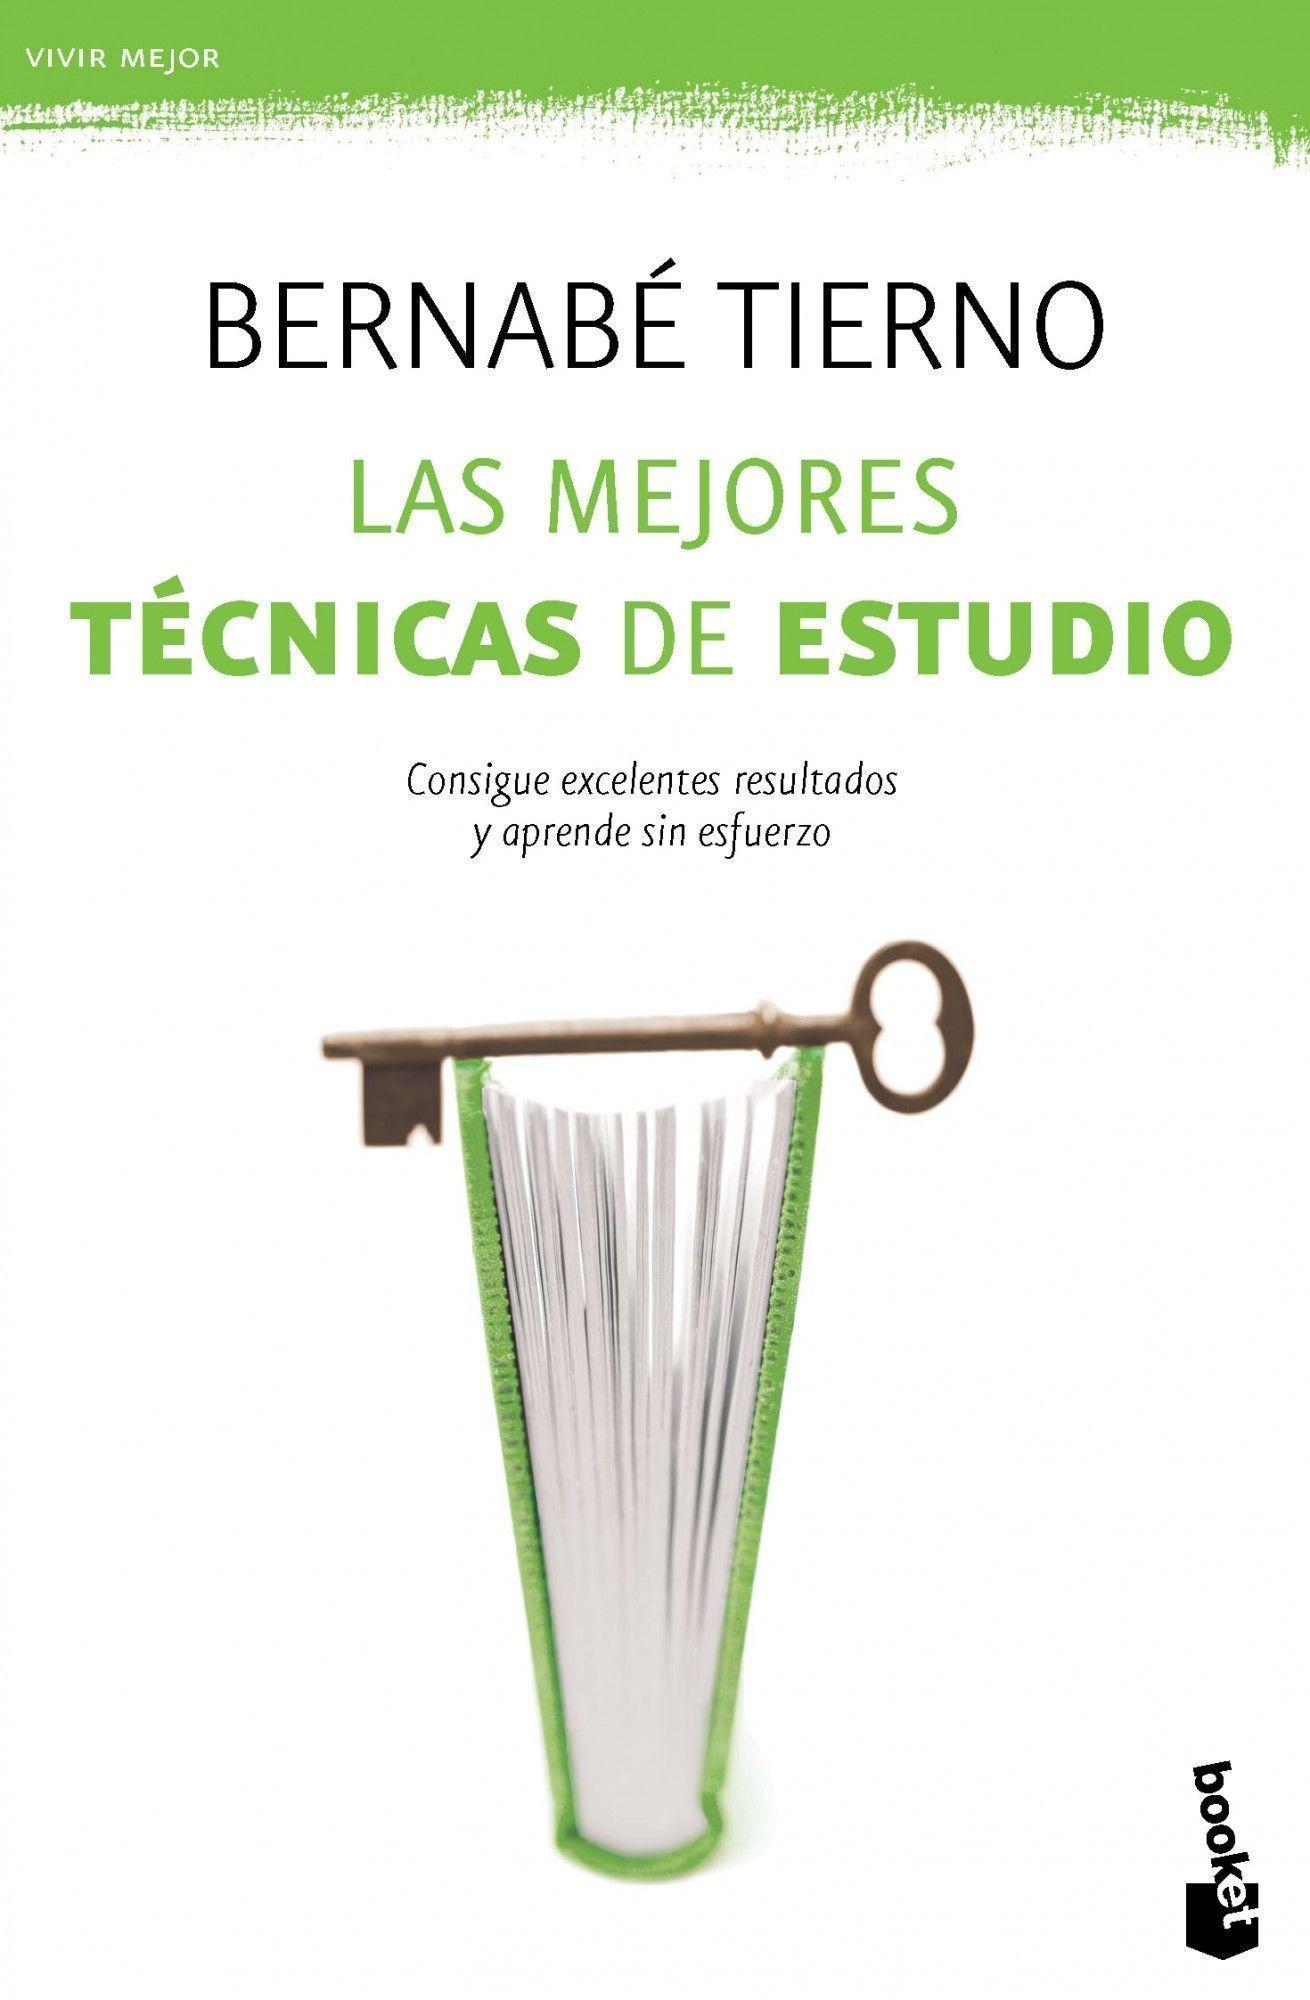 las mejores tecnicas de estudio-bernabe tierno-9788499981697